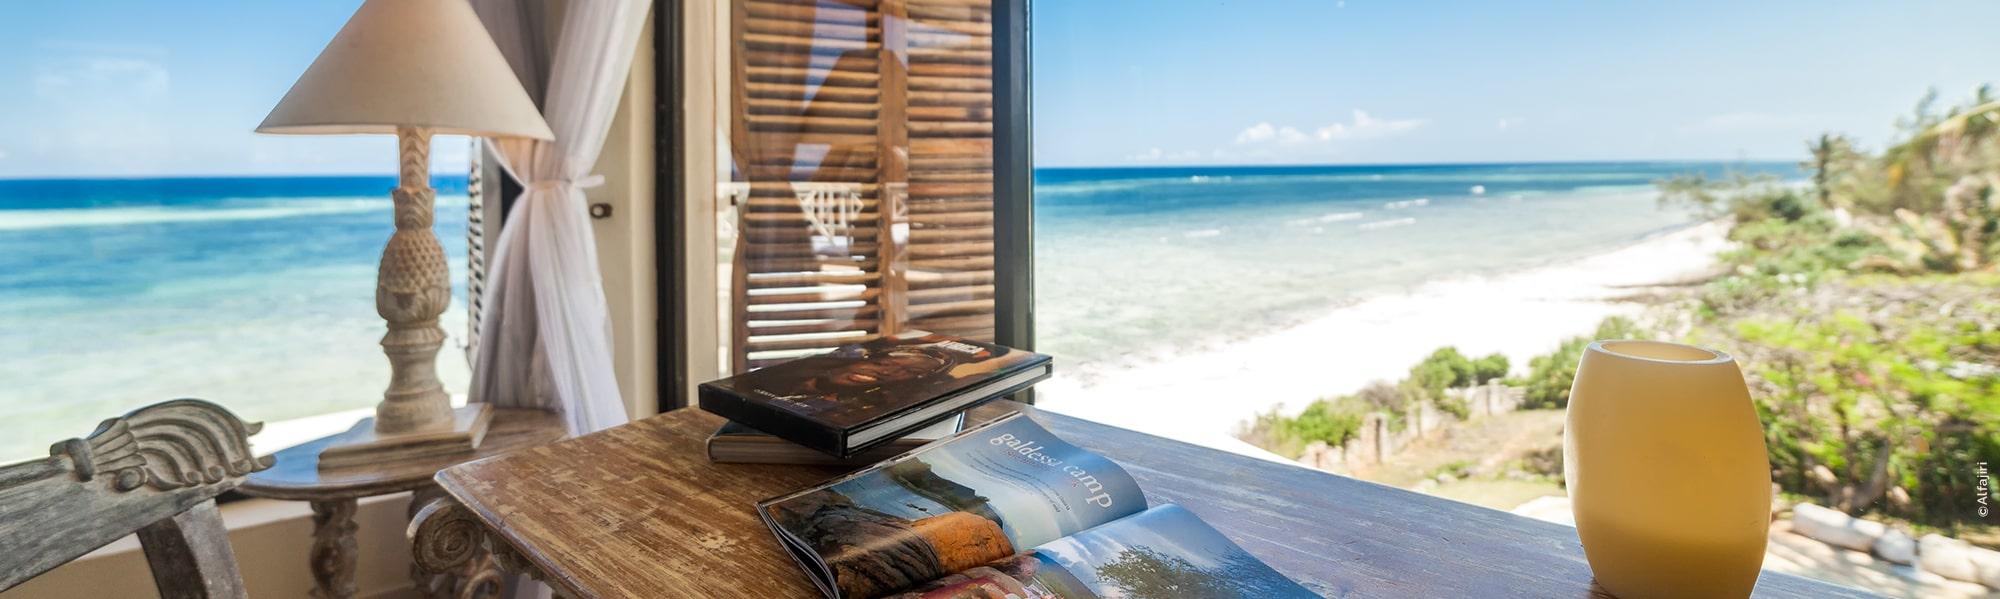 Luxusurlaub in Kenia in einer Lodge mit Meerblick